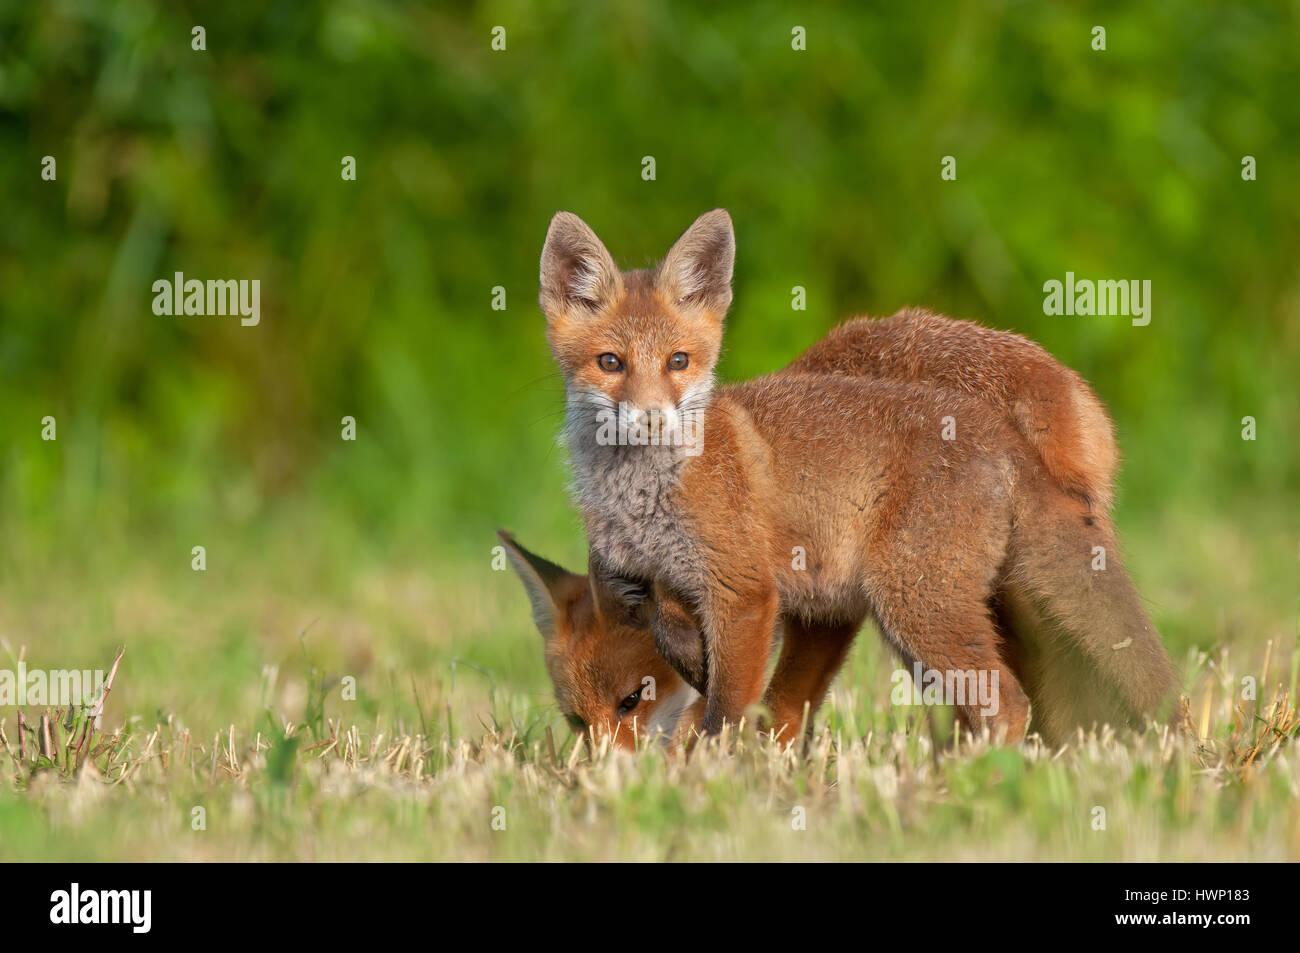 Foto von zwei rote Füchse in einem Feld Stockfoto